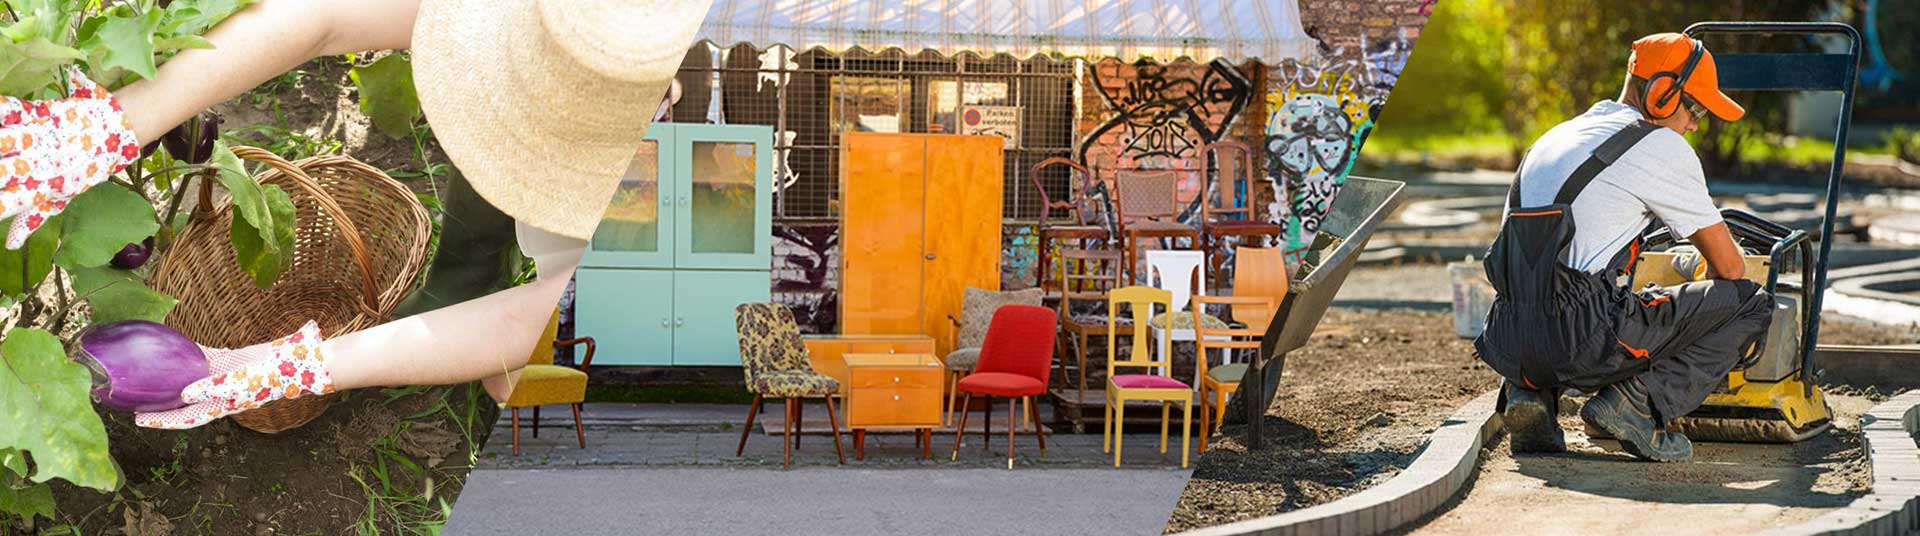 Banière représentant les activité de Question de Culture : le jardin, la recyclerie et les chantiers